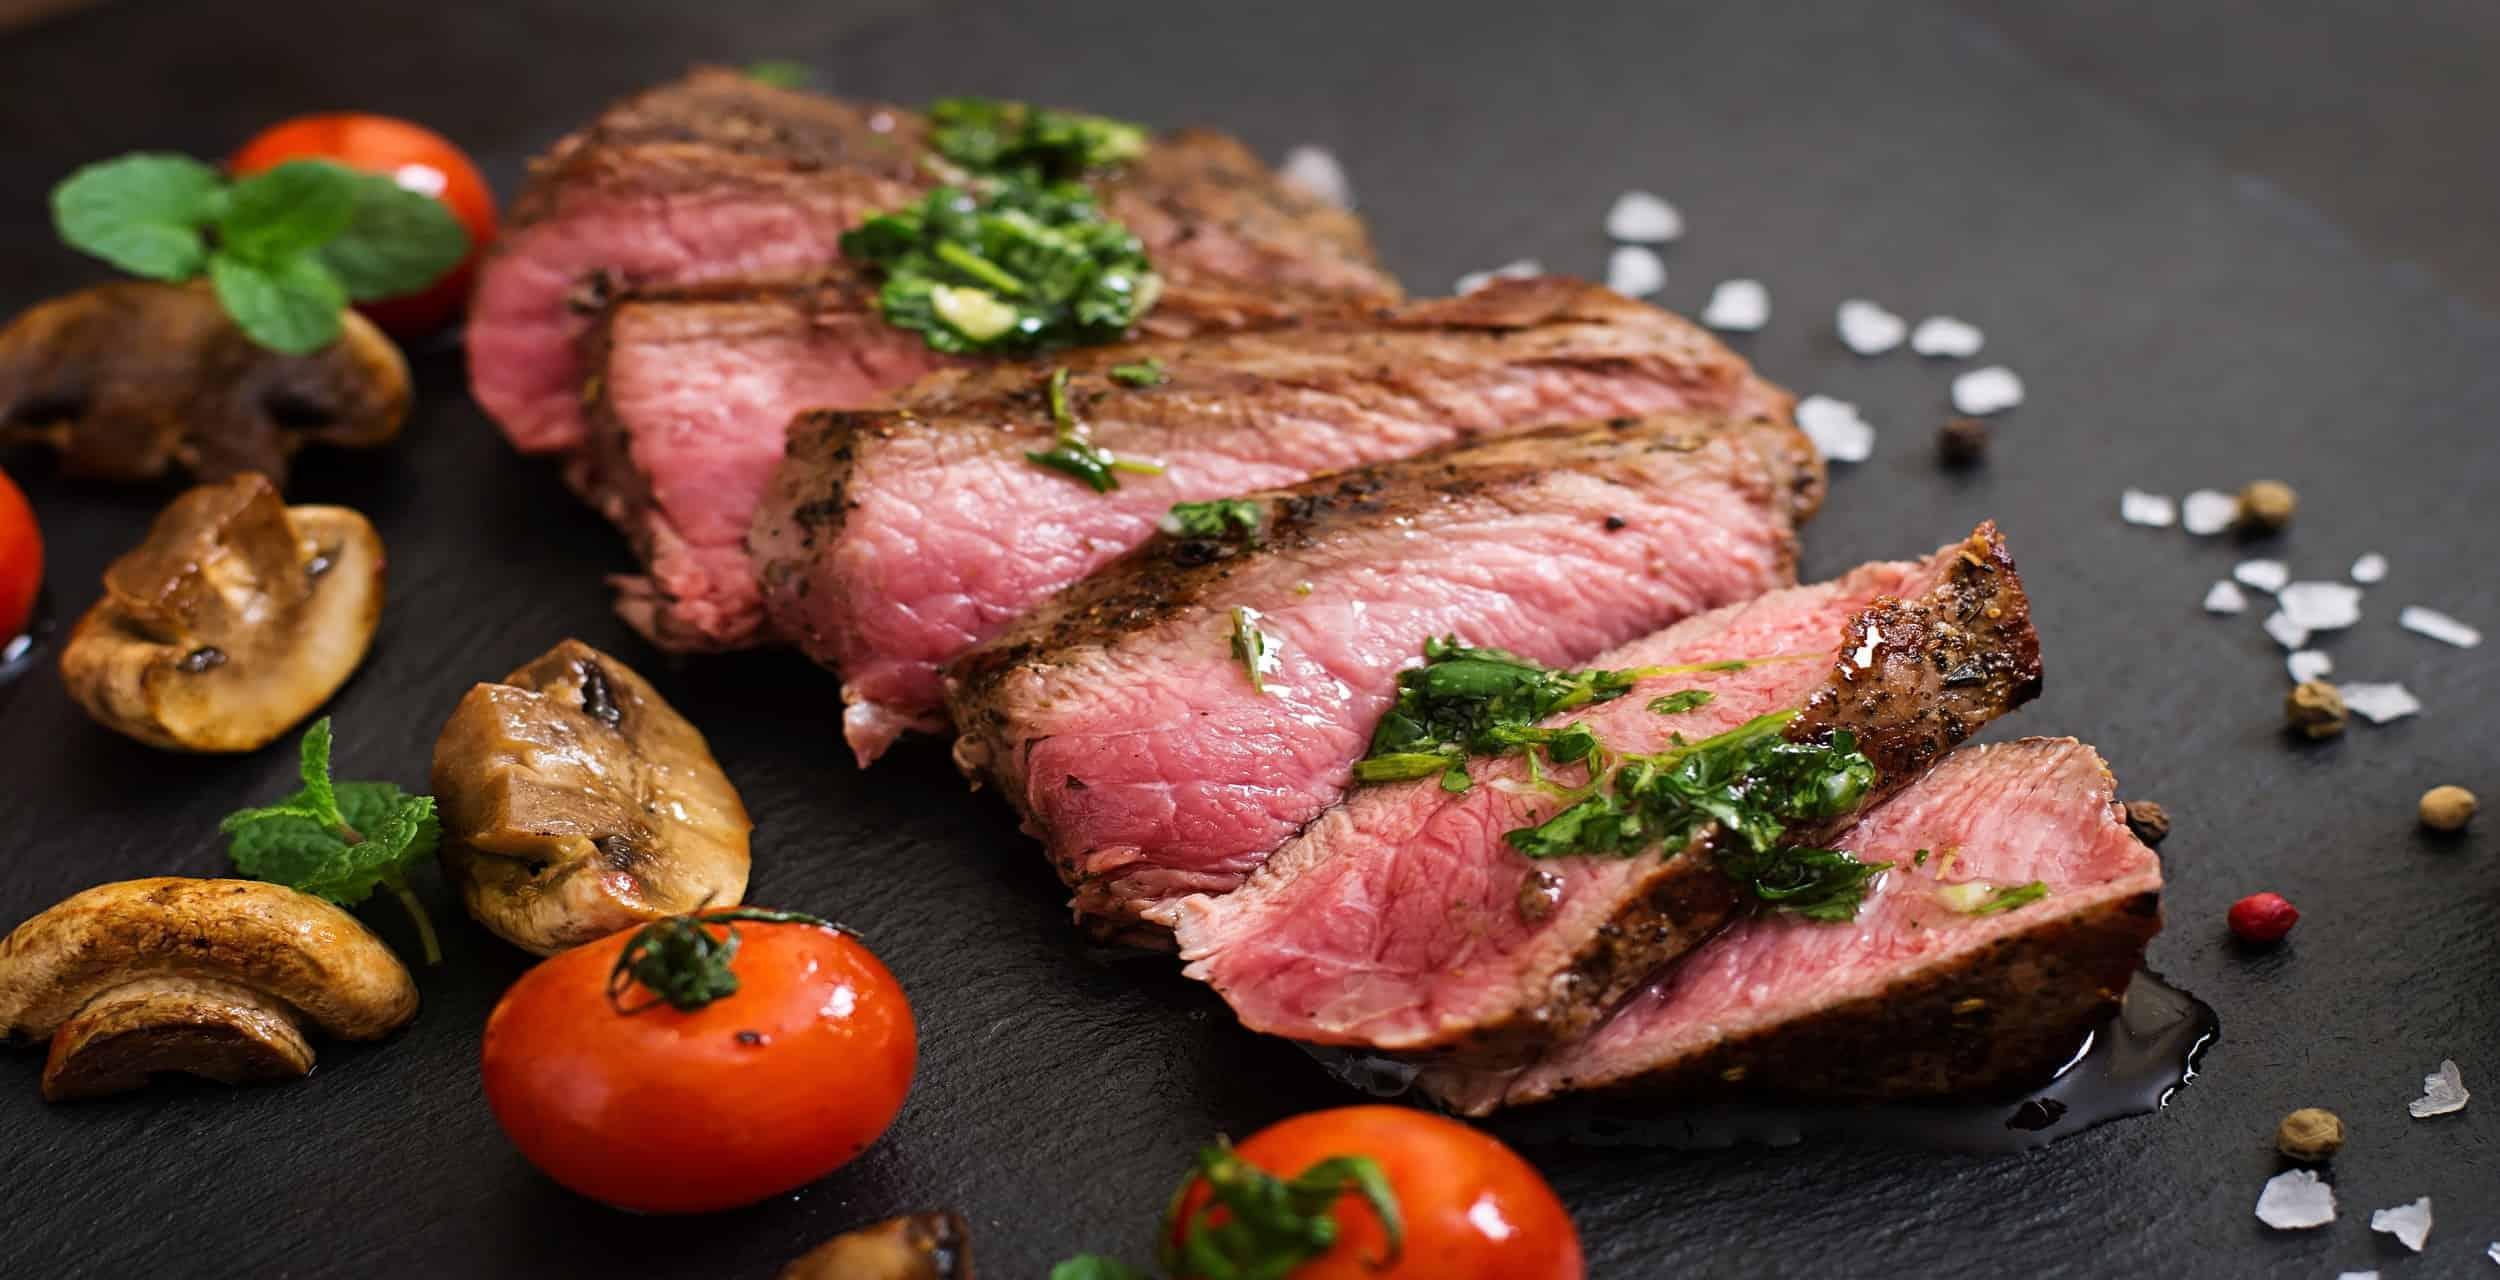 calories in roast beef